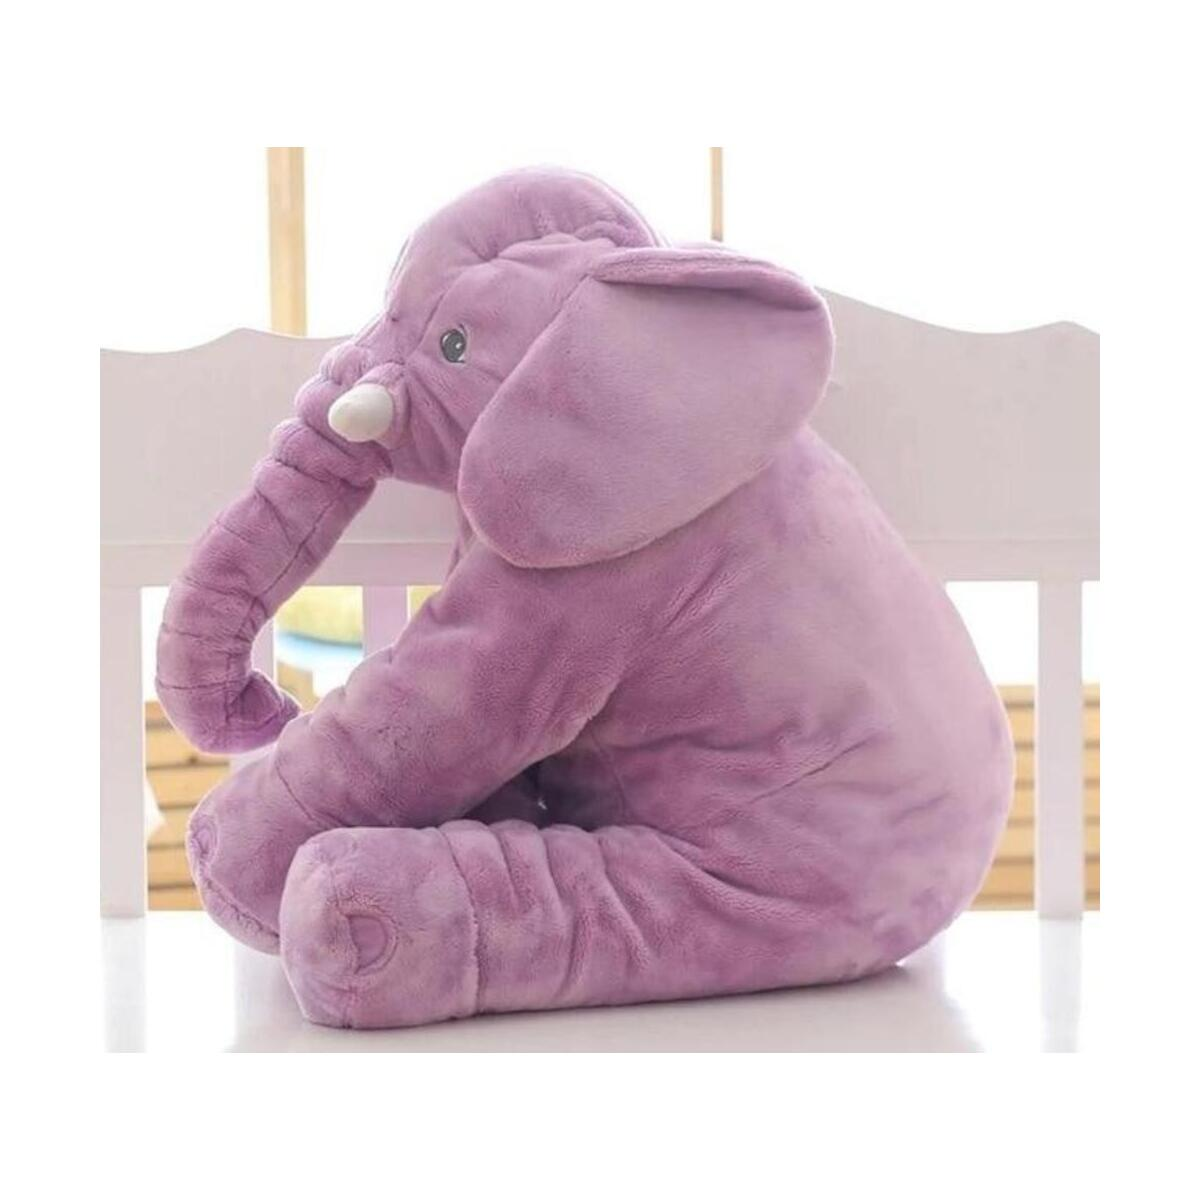 Baby Soft Plush Sleep Pillow Elephant Large